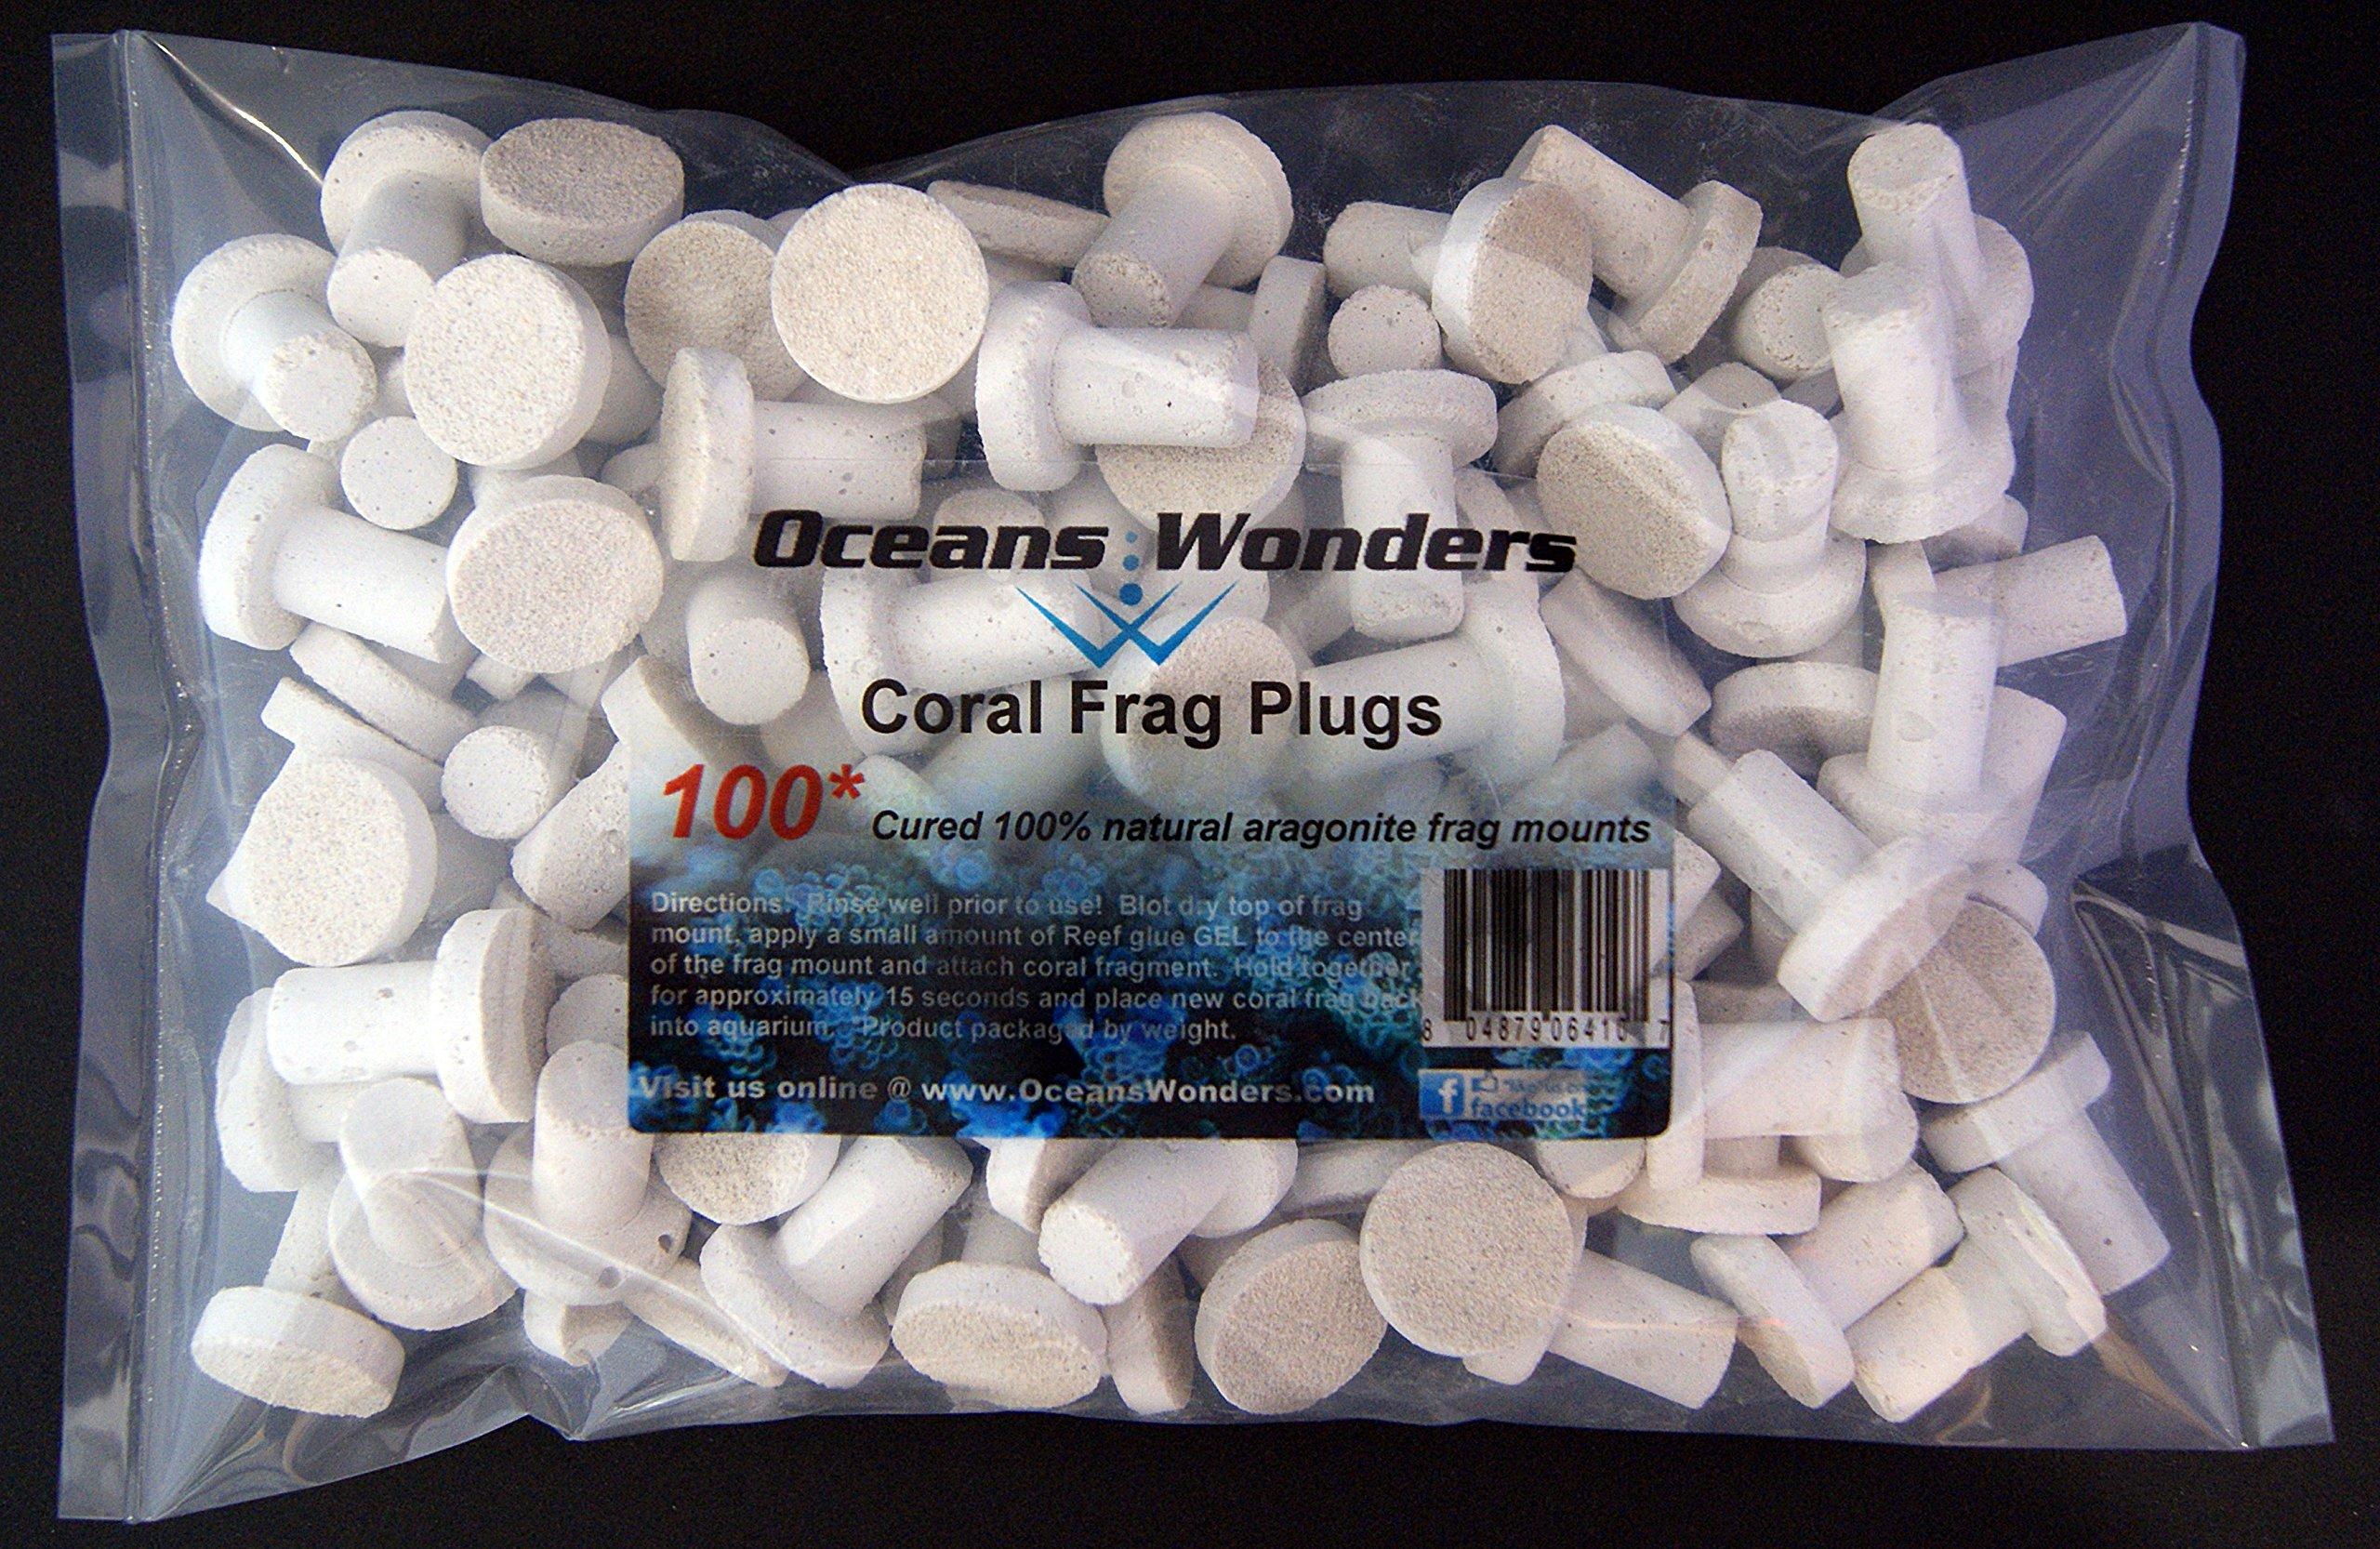 Oceans Wonders Coral Frag Plugs 100pc